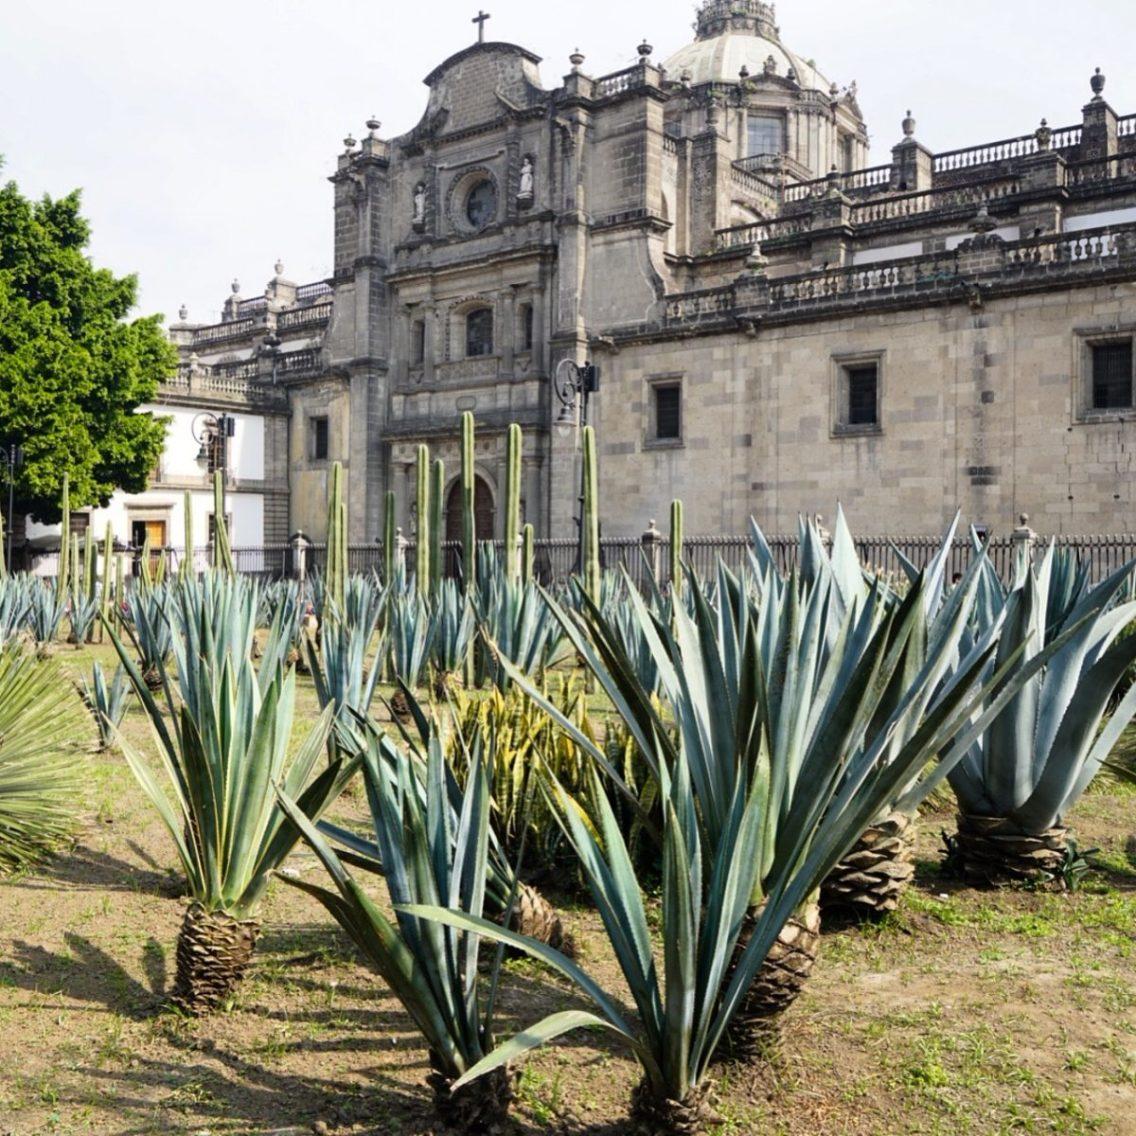 MexicoCityDec2018Zocalo-9